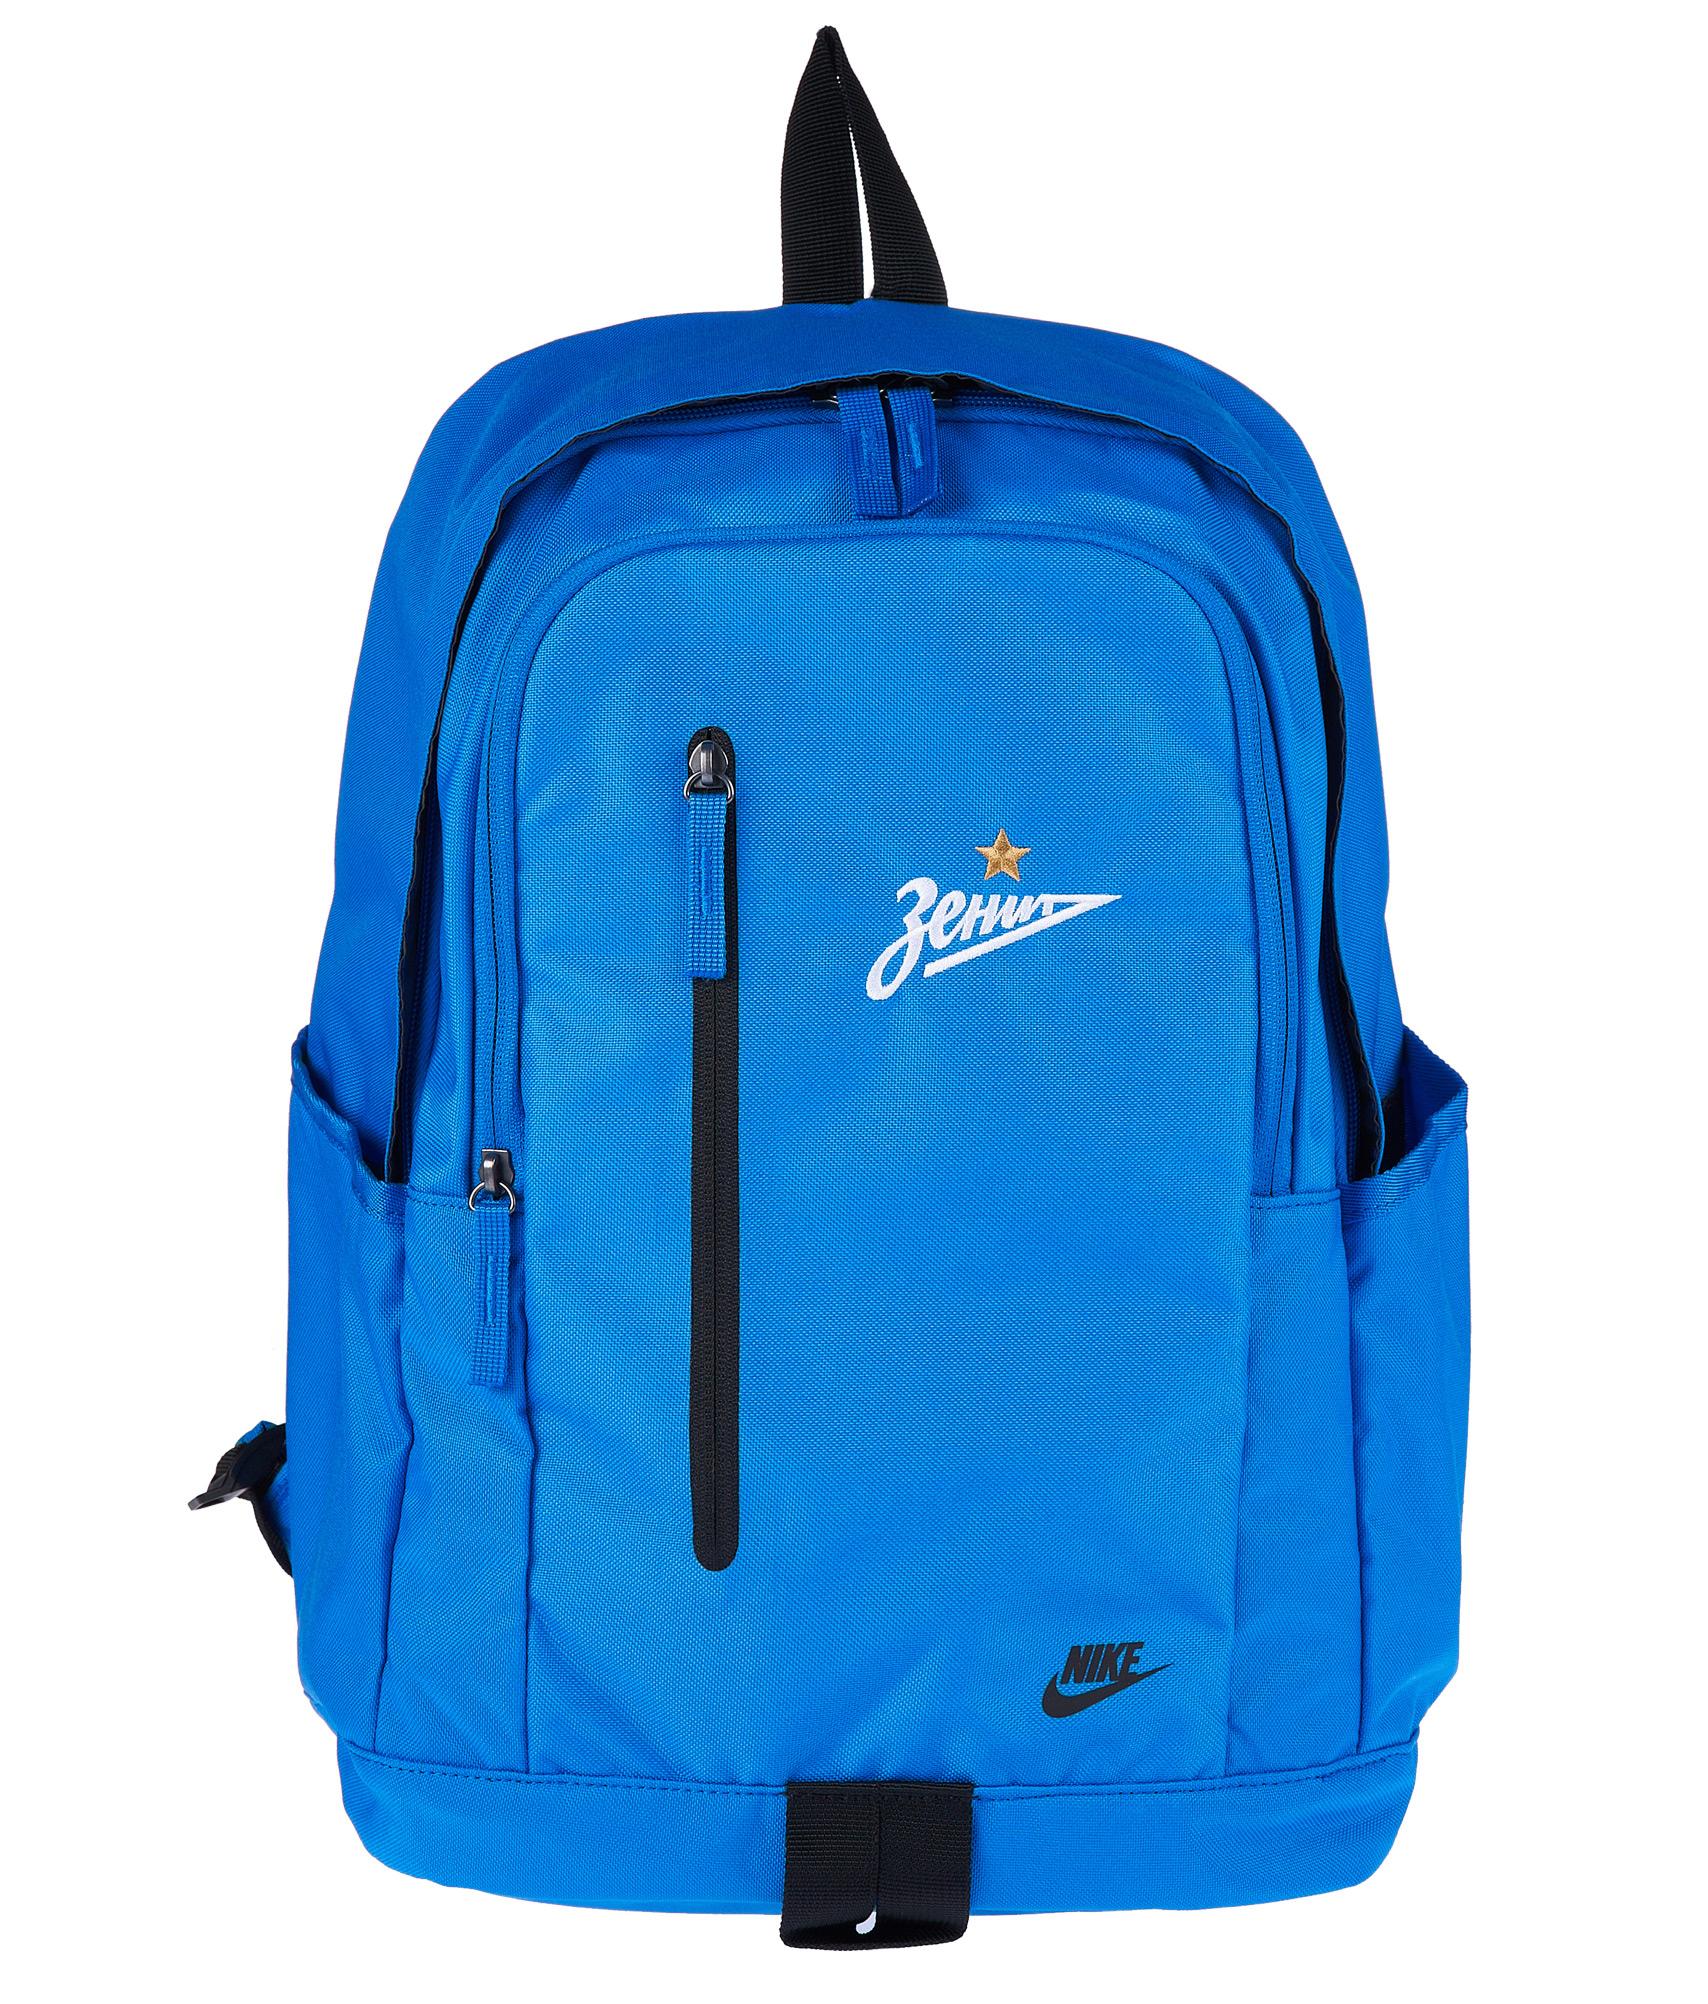 Рюкзак Nike Nike Цвет-Синий nike nike ni464aghca01